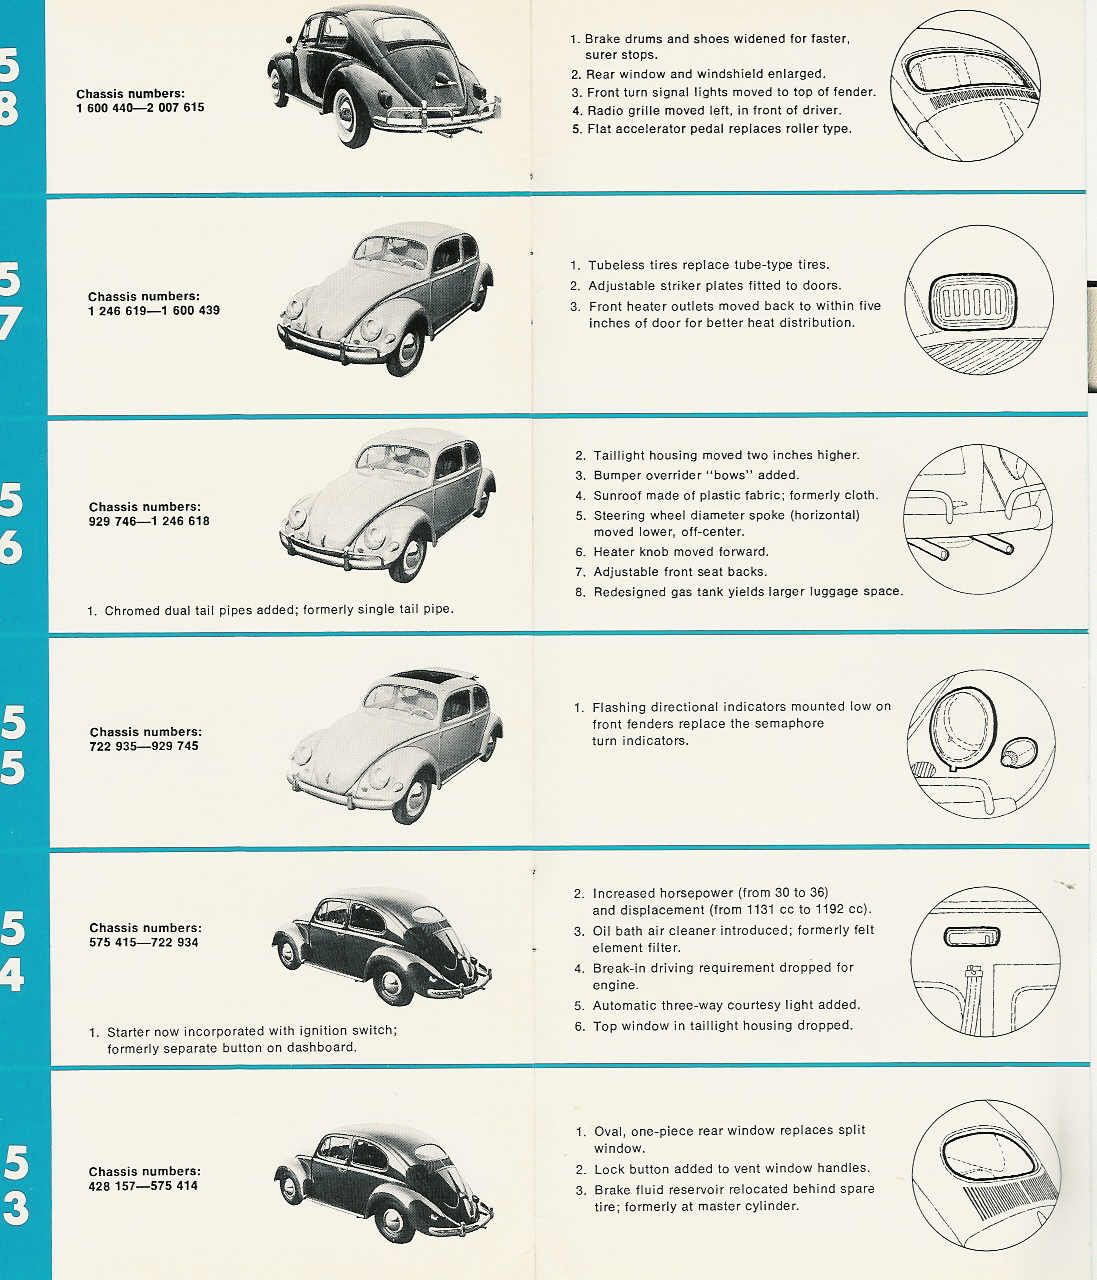 Page9 10 Jpg 1 097 1 280 Pixels Vw Beetles Volkswagen Beetle Vw Beetle Classic